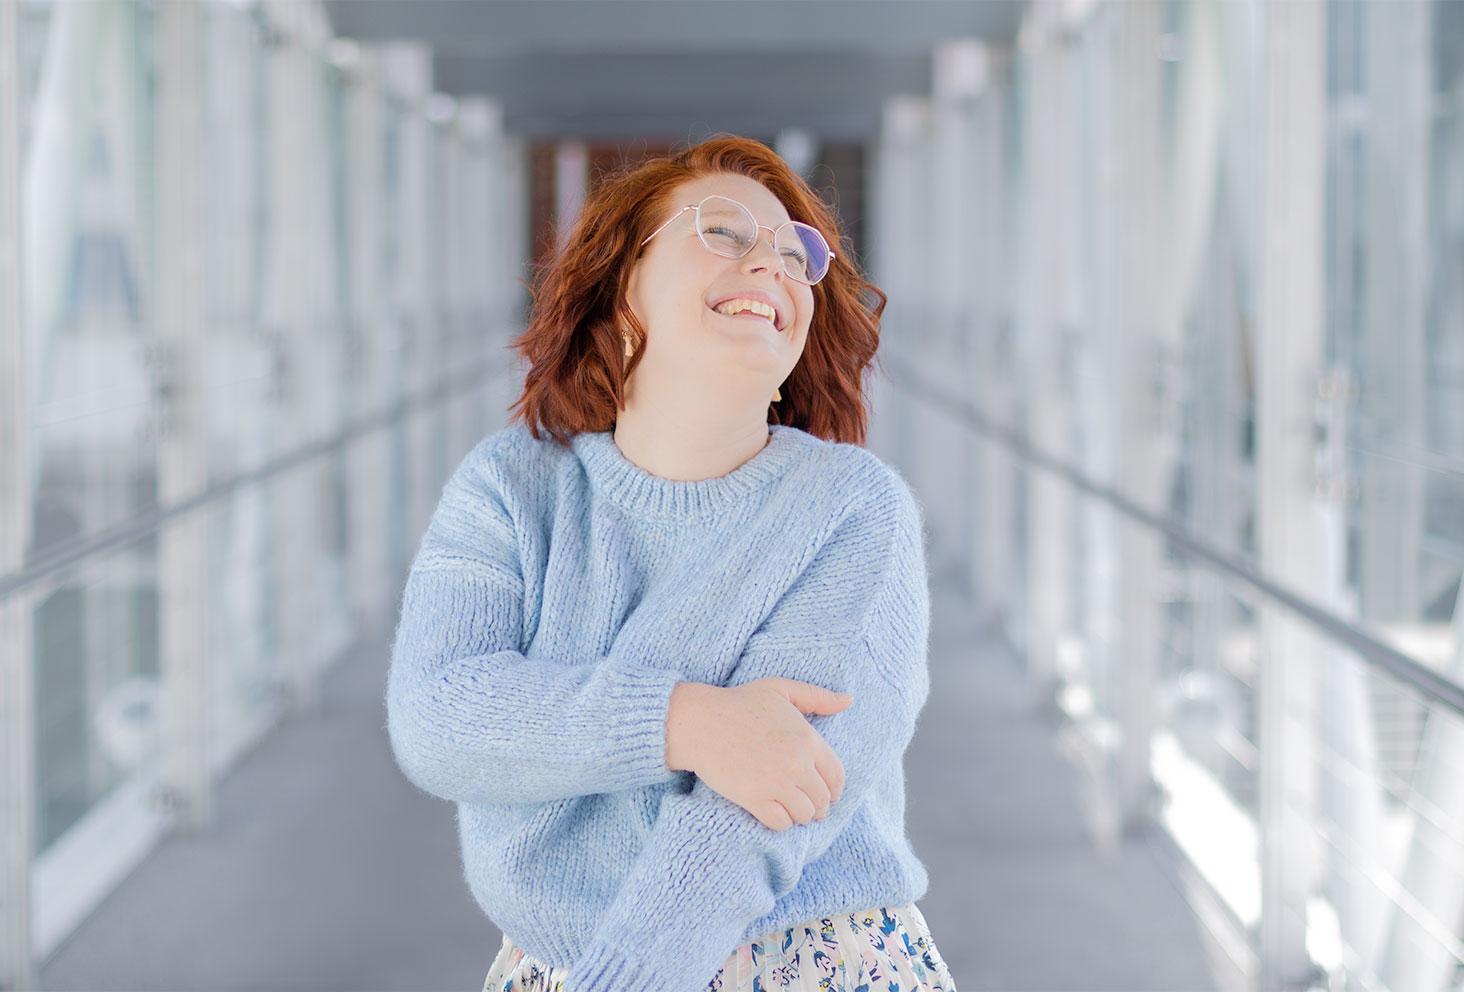 Zoom sur le pull bleu clair court porté, avec le sourire et une main sur l'autre bras